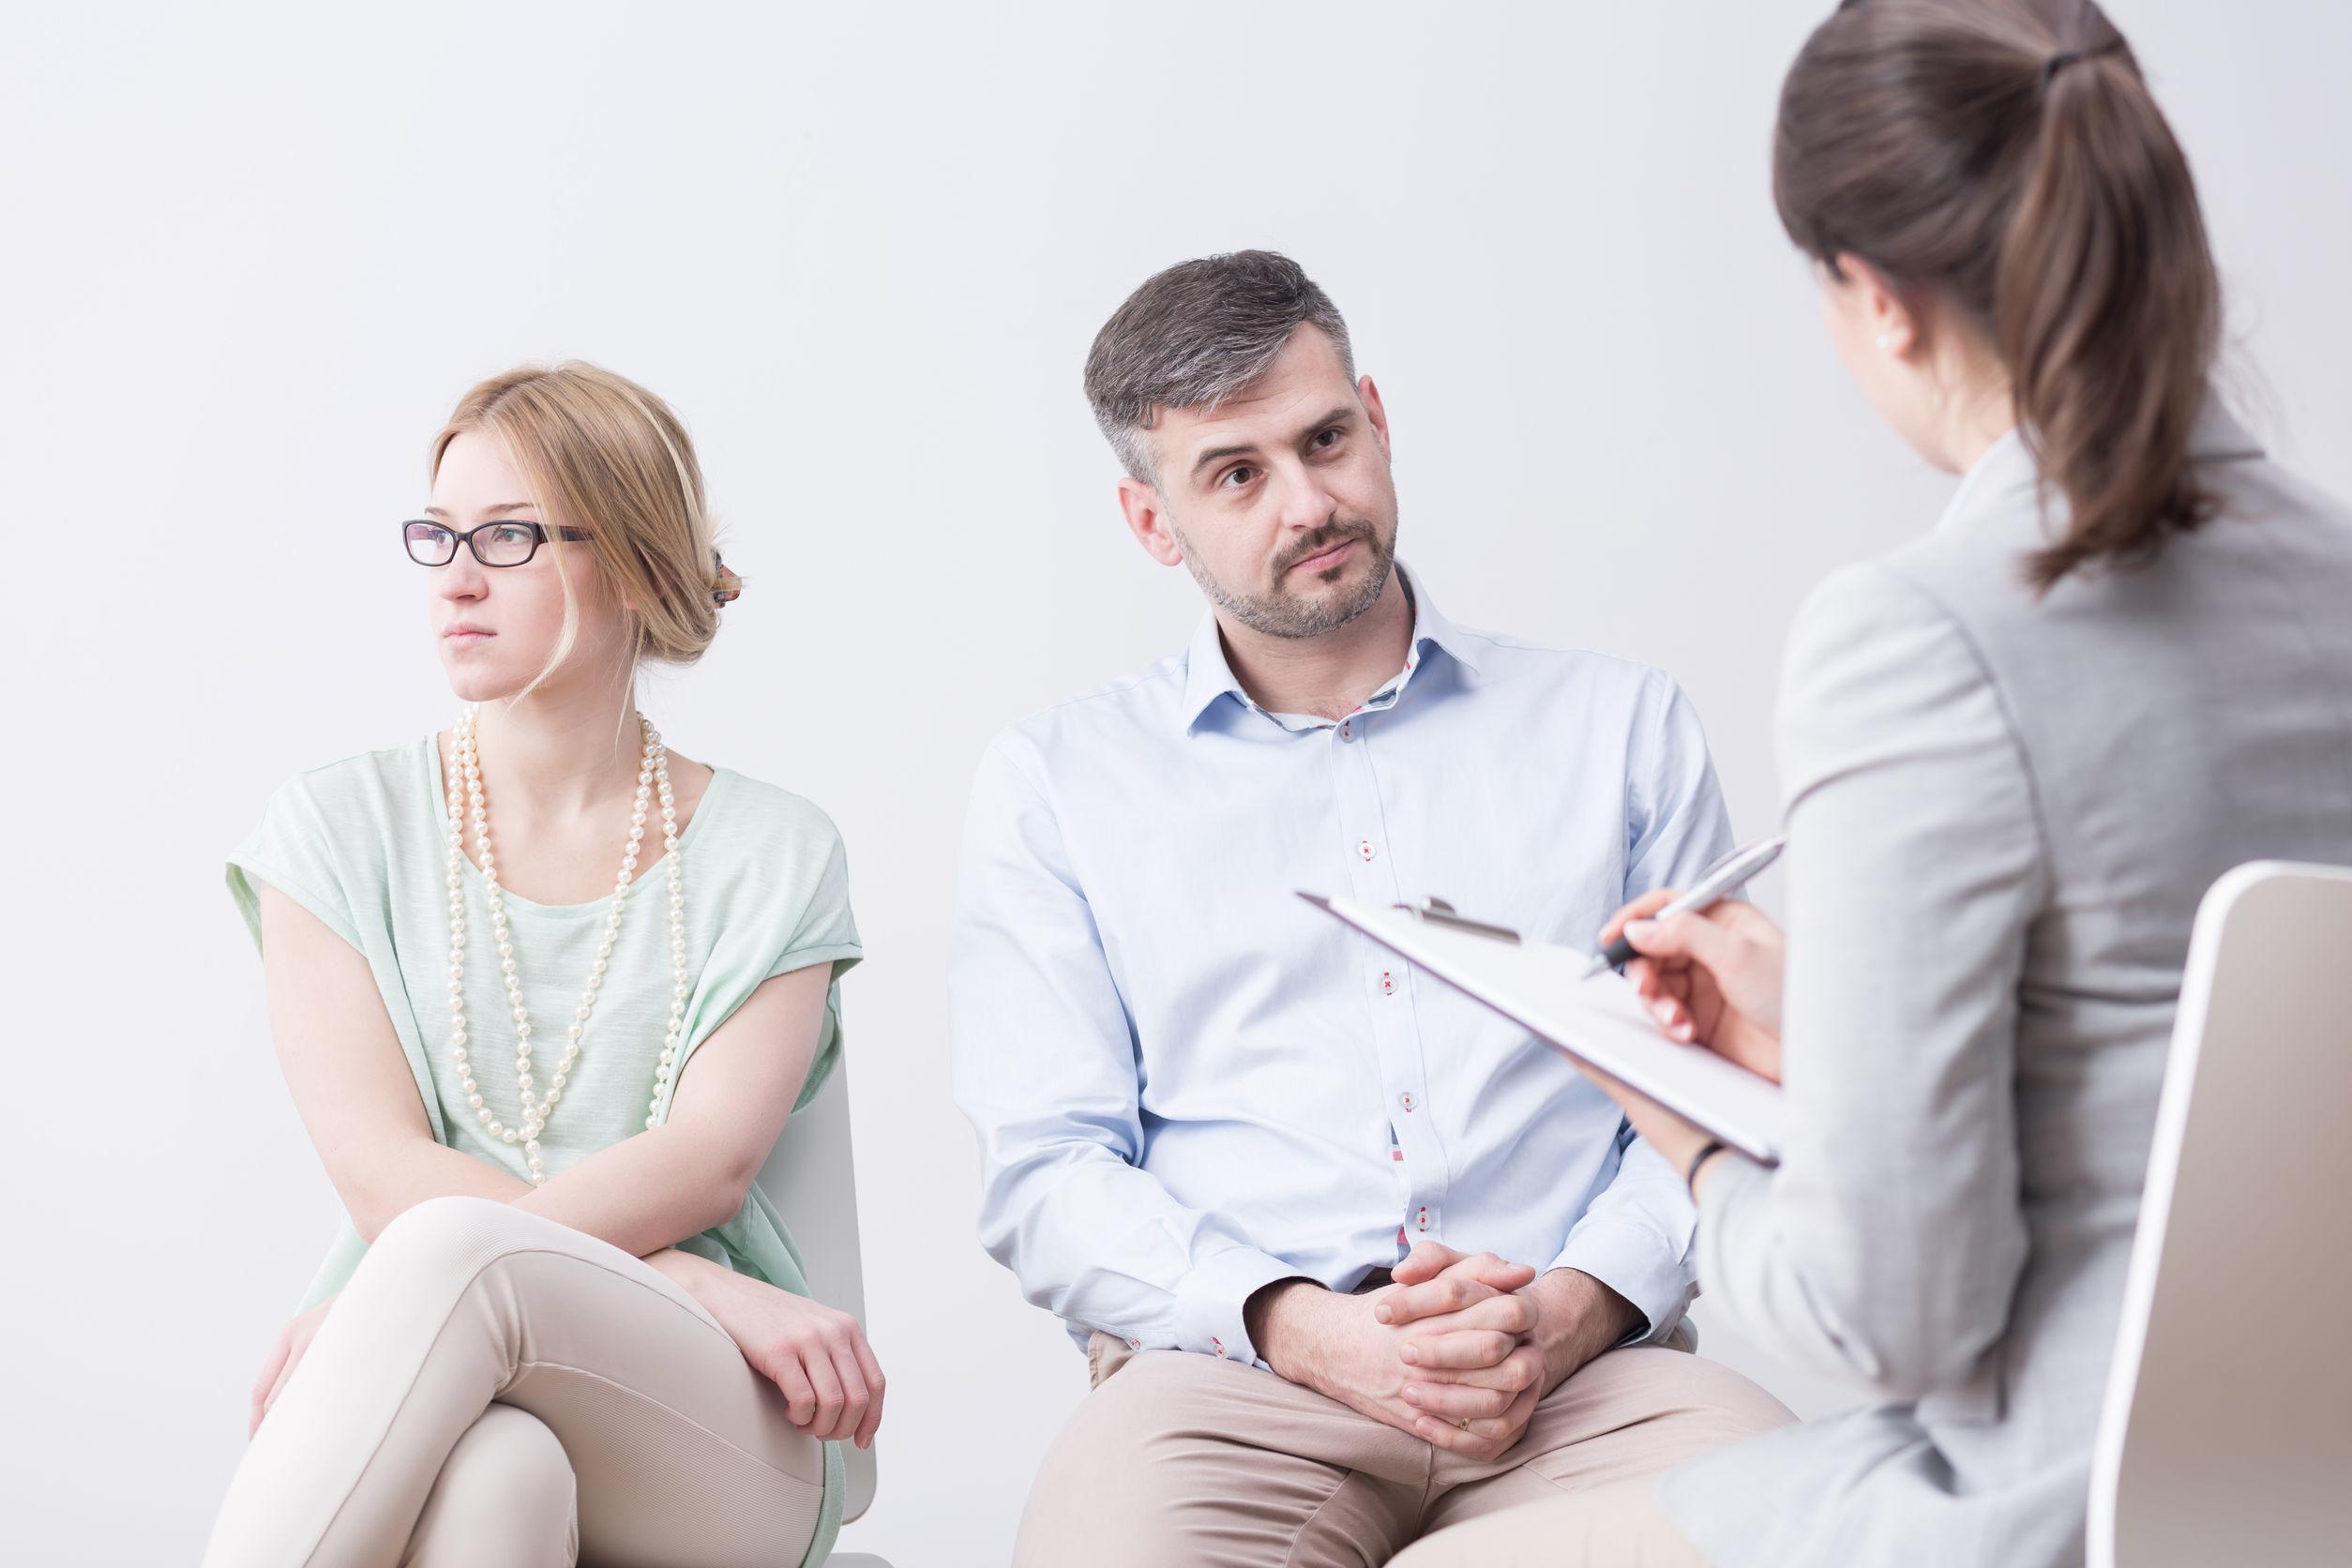 Hjelp til å unngå skilsmisse